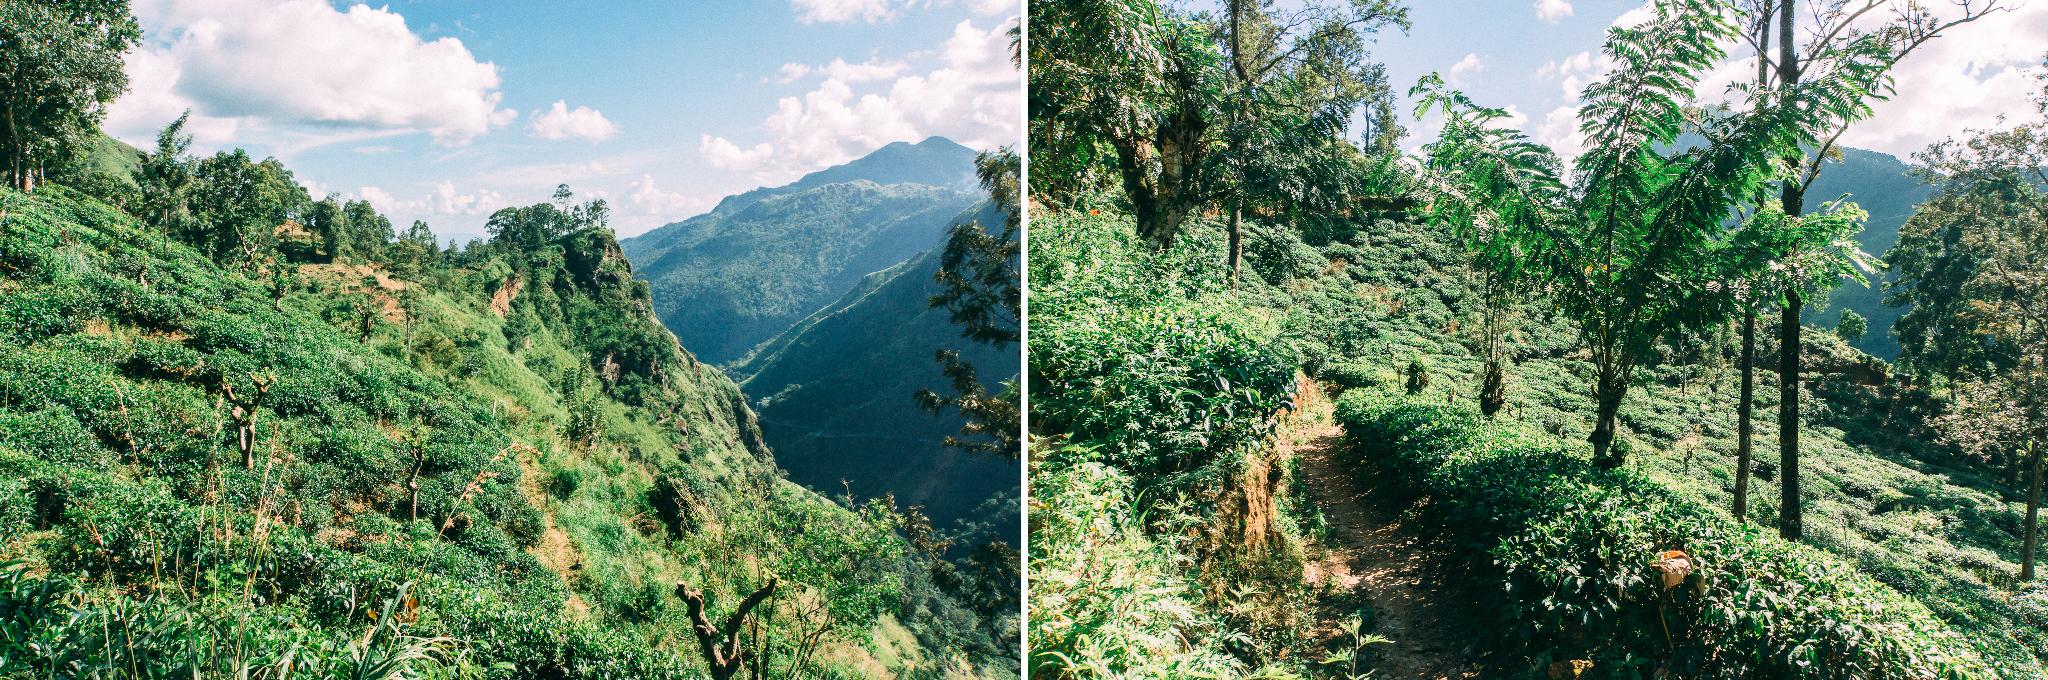 Sri-Lanka-Ella-Little-Adams-Peek-2.jpg